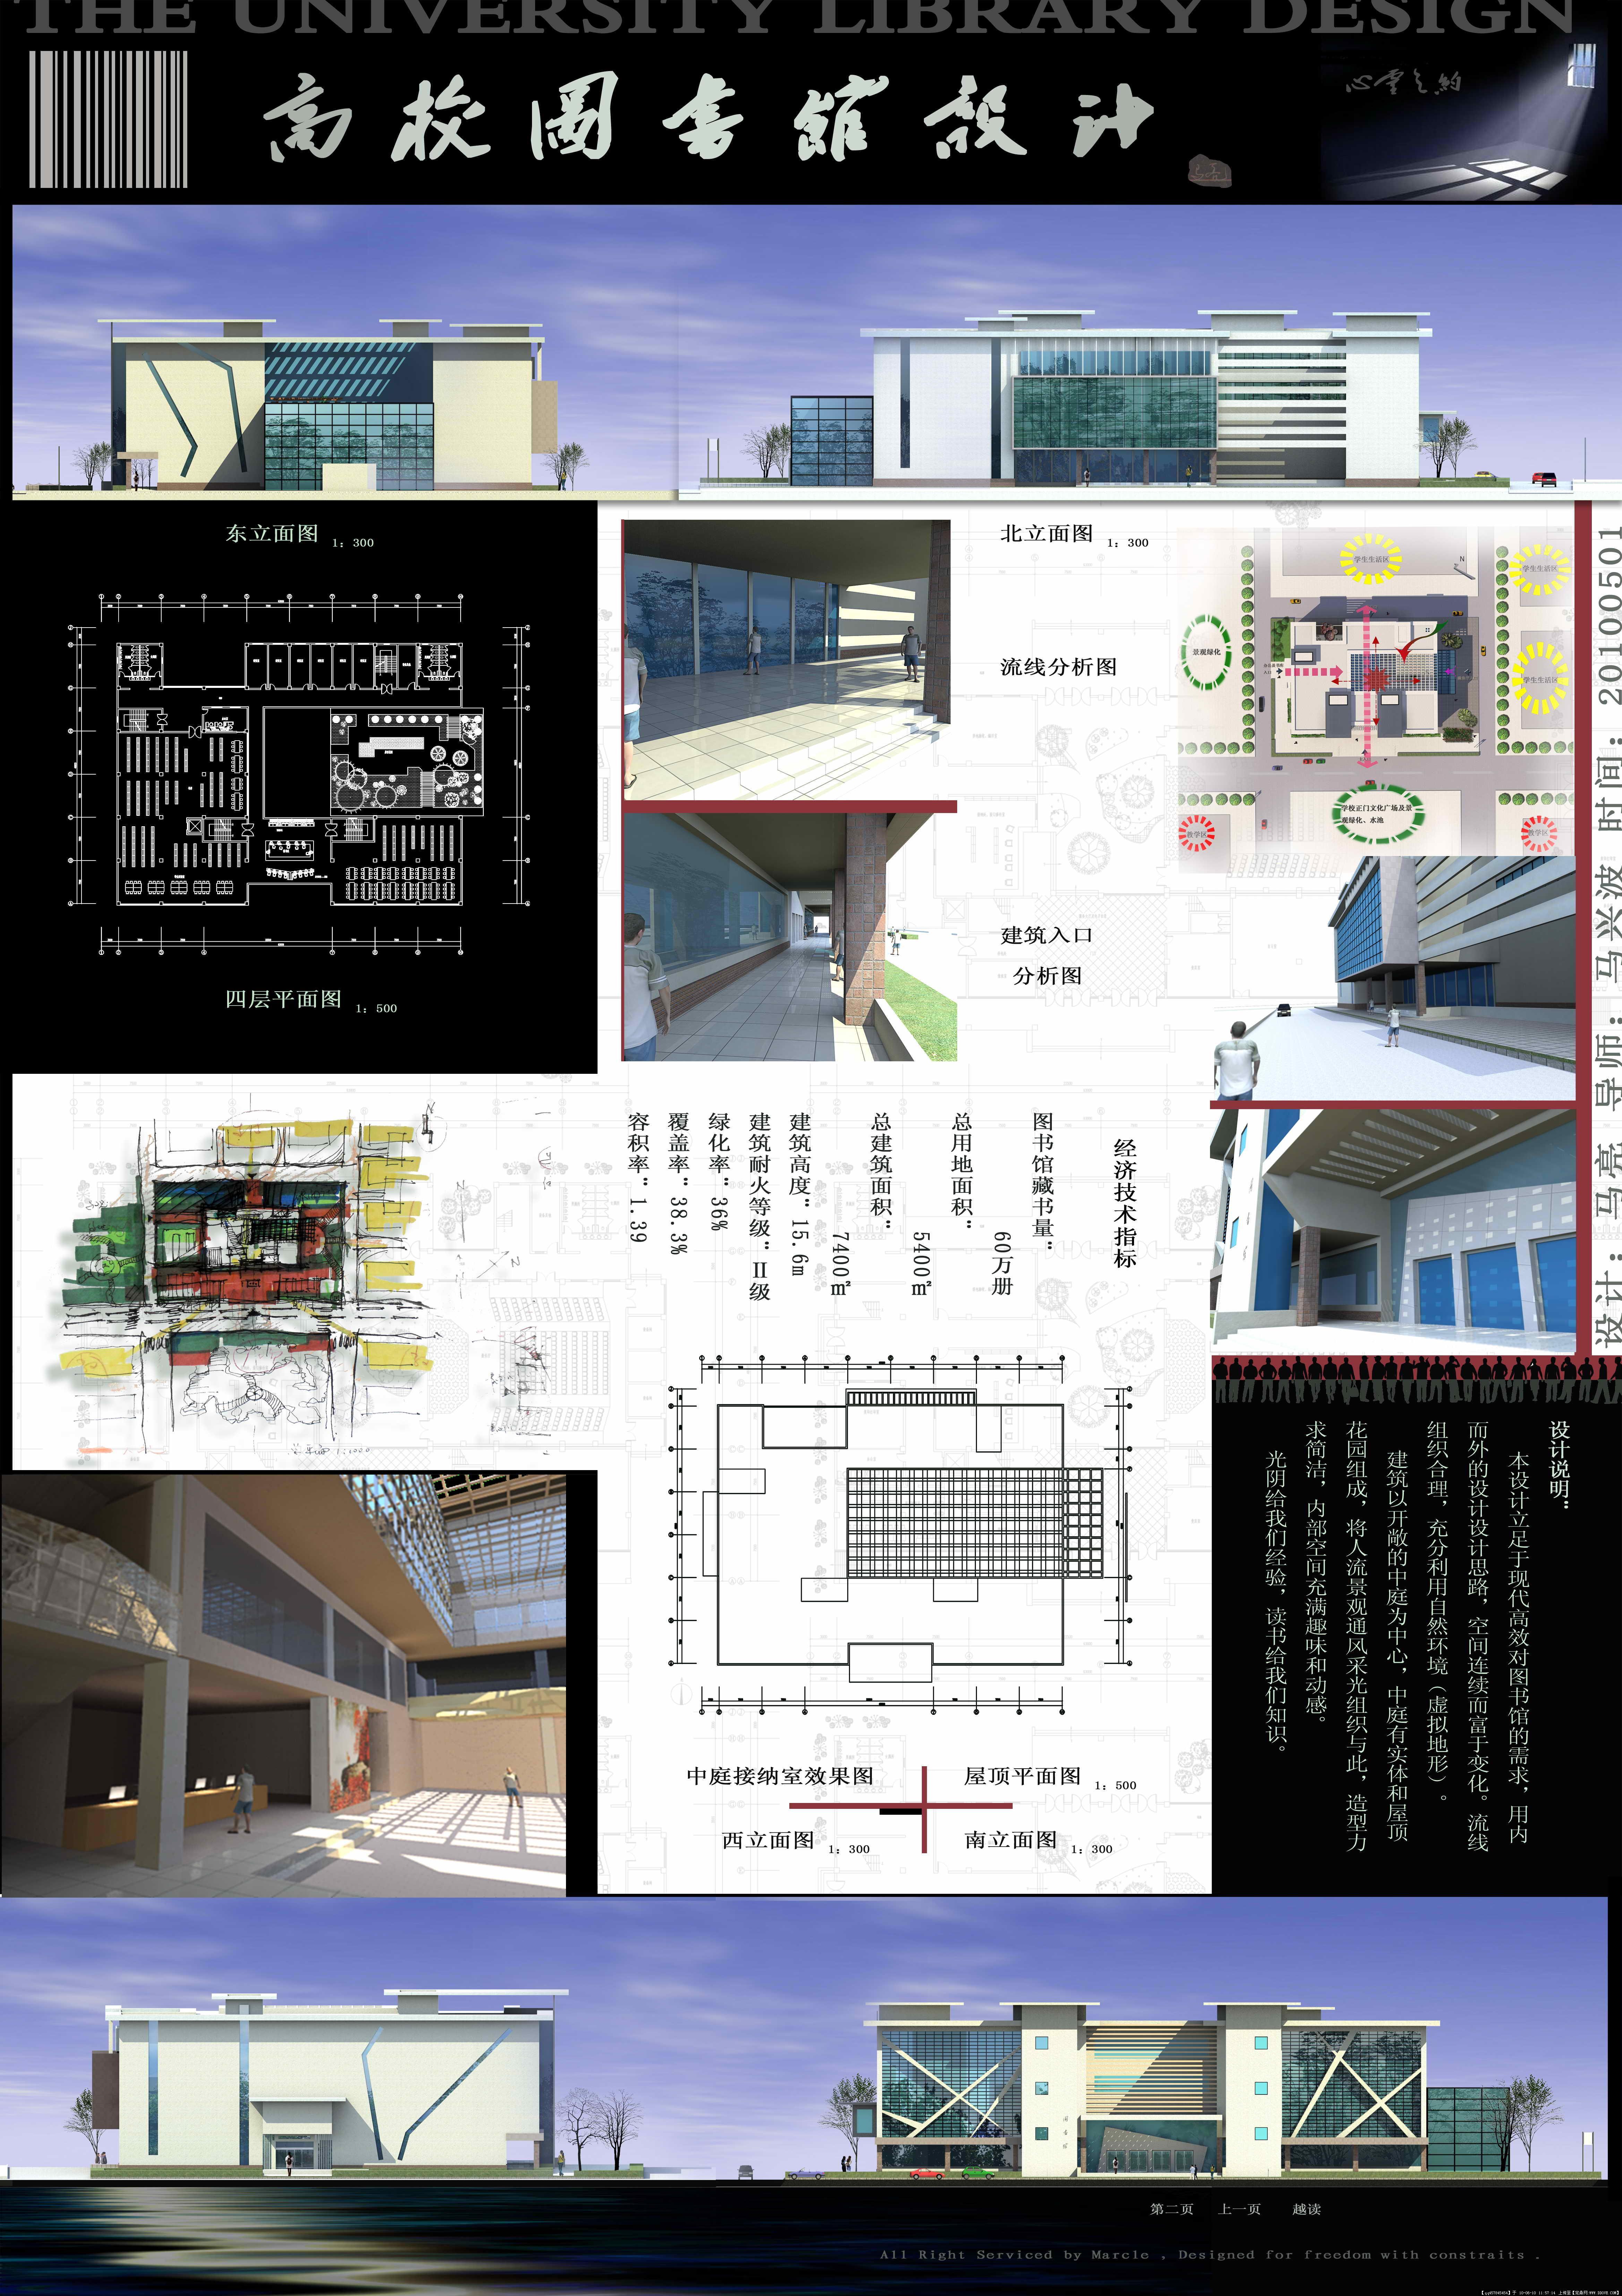 图书馆设计展板一张大图